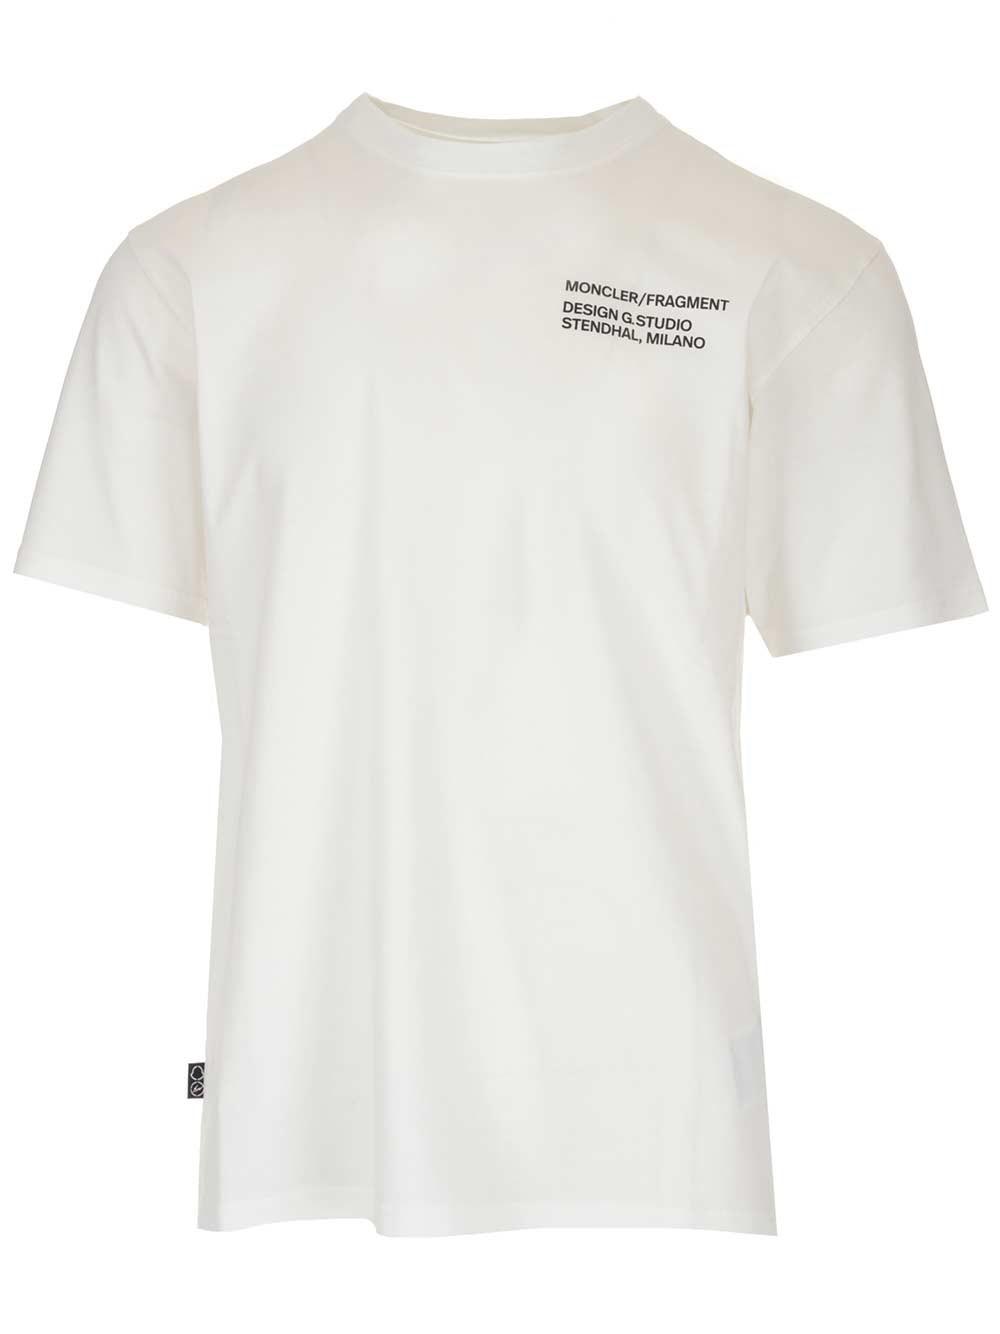 MONCLER GENIUS 7 Moncler Fragment Hiroshi Fujiwara T-Shirt